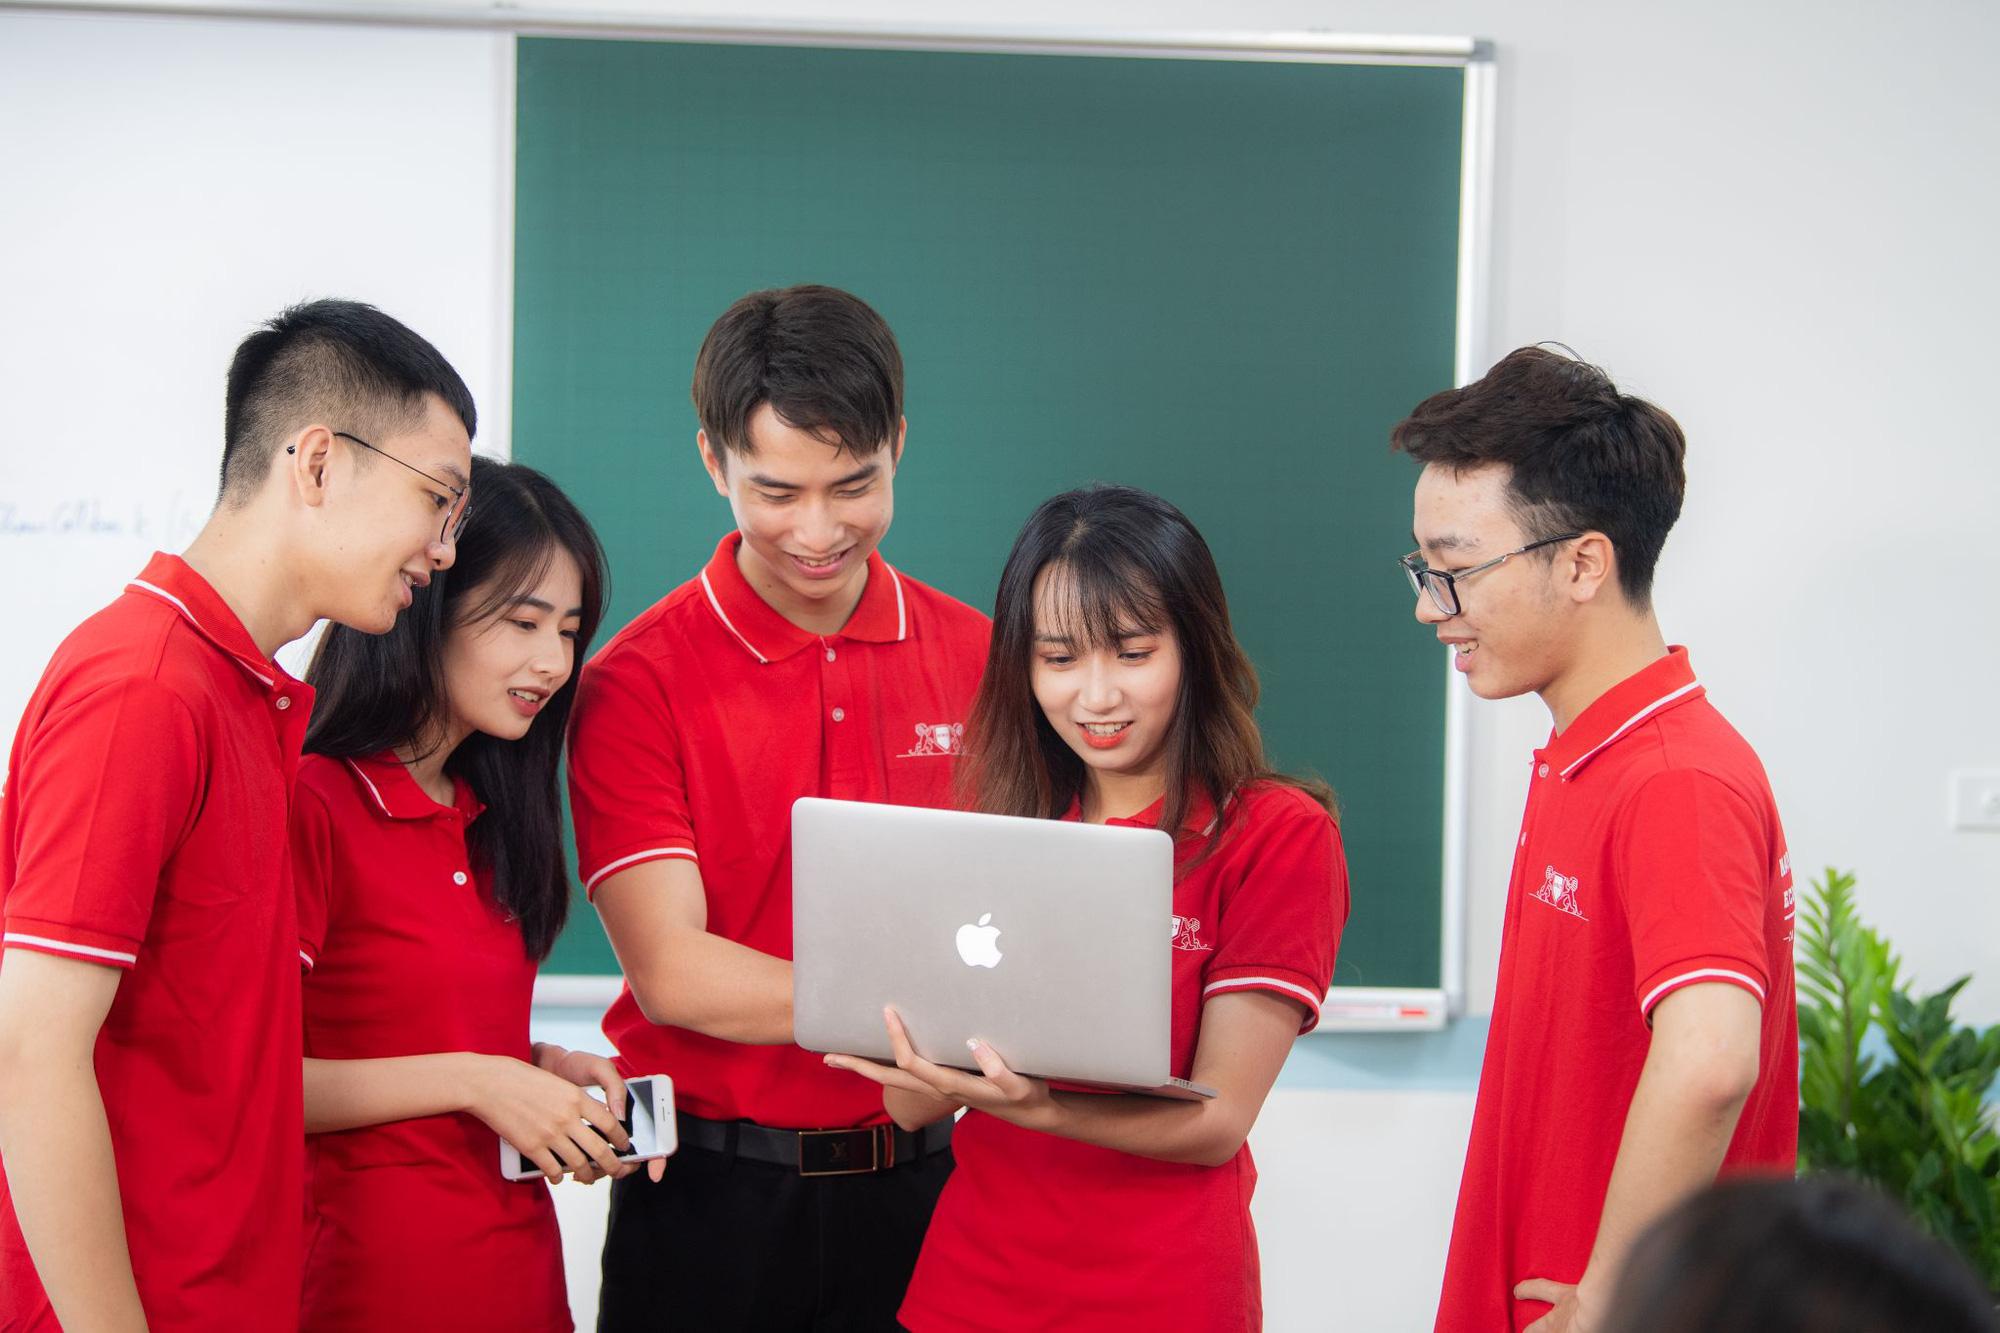 Chương trình học song bằng cao đẳng - đại học tại Cao đẳng Kinh tế - Kỹ thuật Hà Nội giúp học viên chủ động, linh hoạt trong việc học - Ảnh 2.